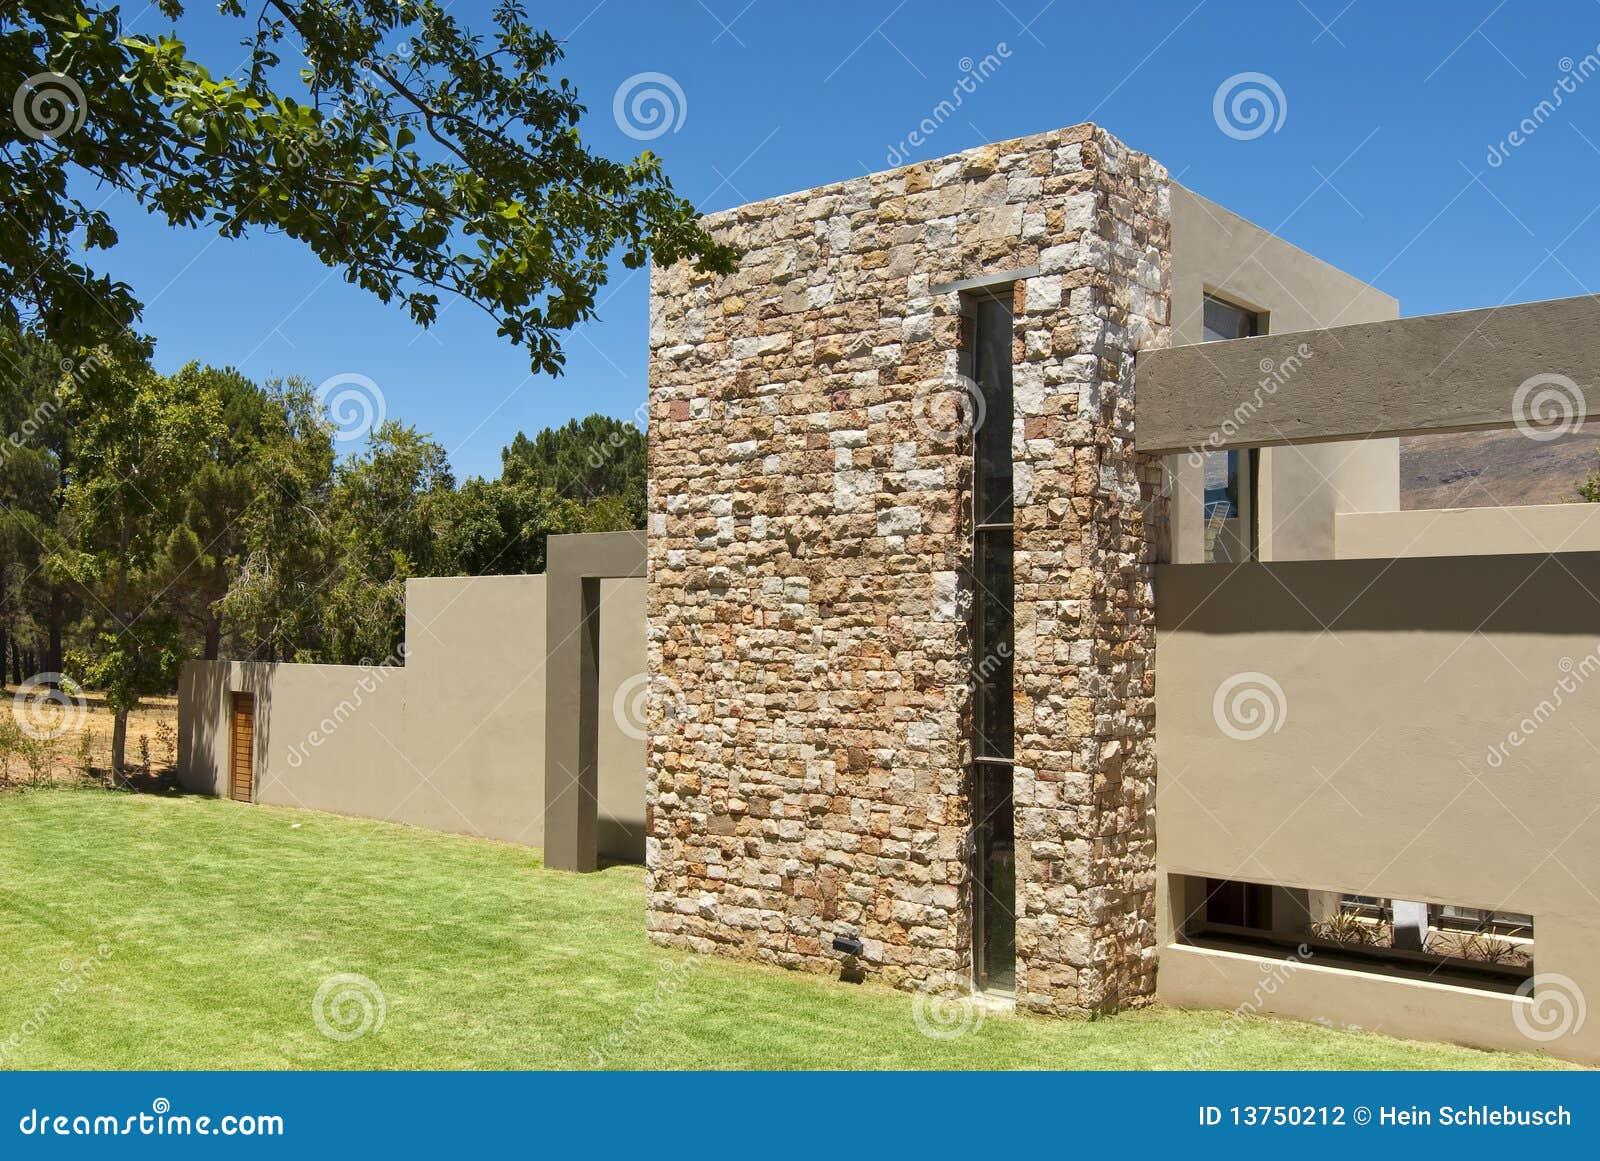 Exterior da casa moderna fotografia de stock imagem for Casa moderna exterior